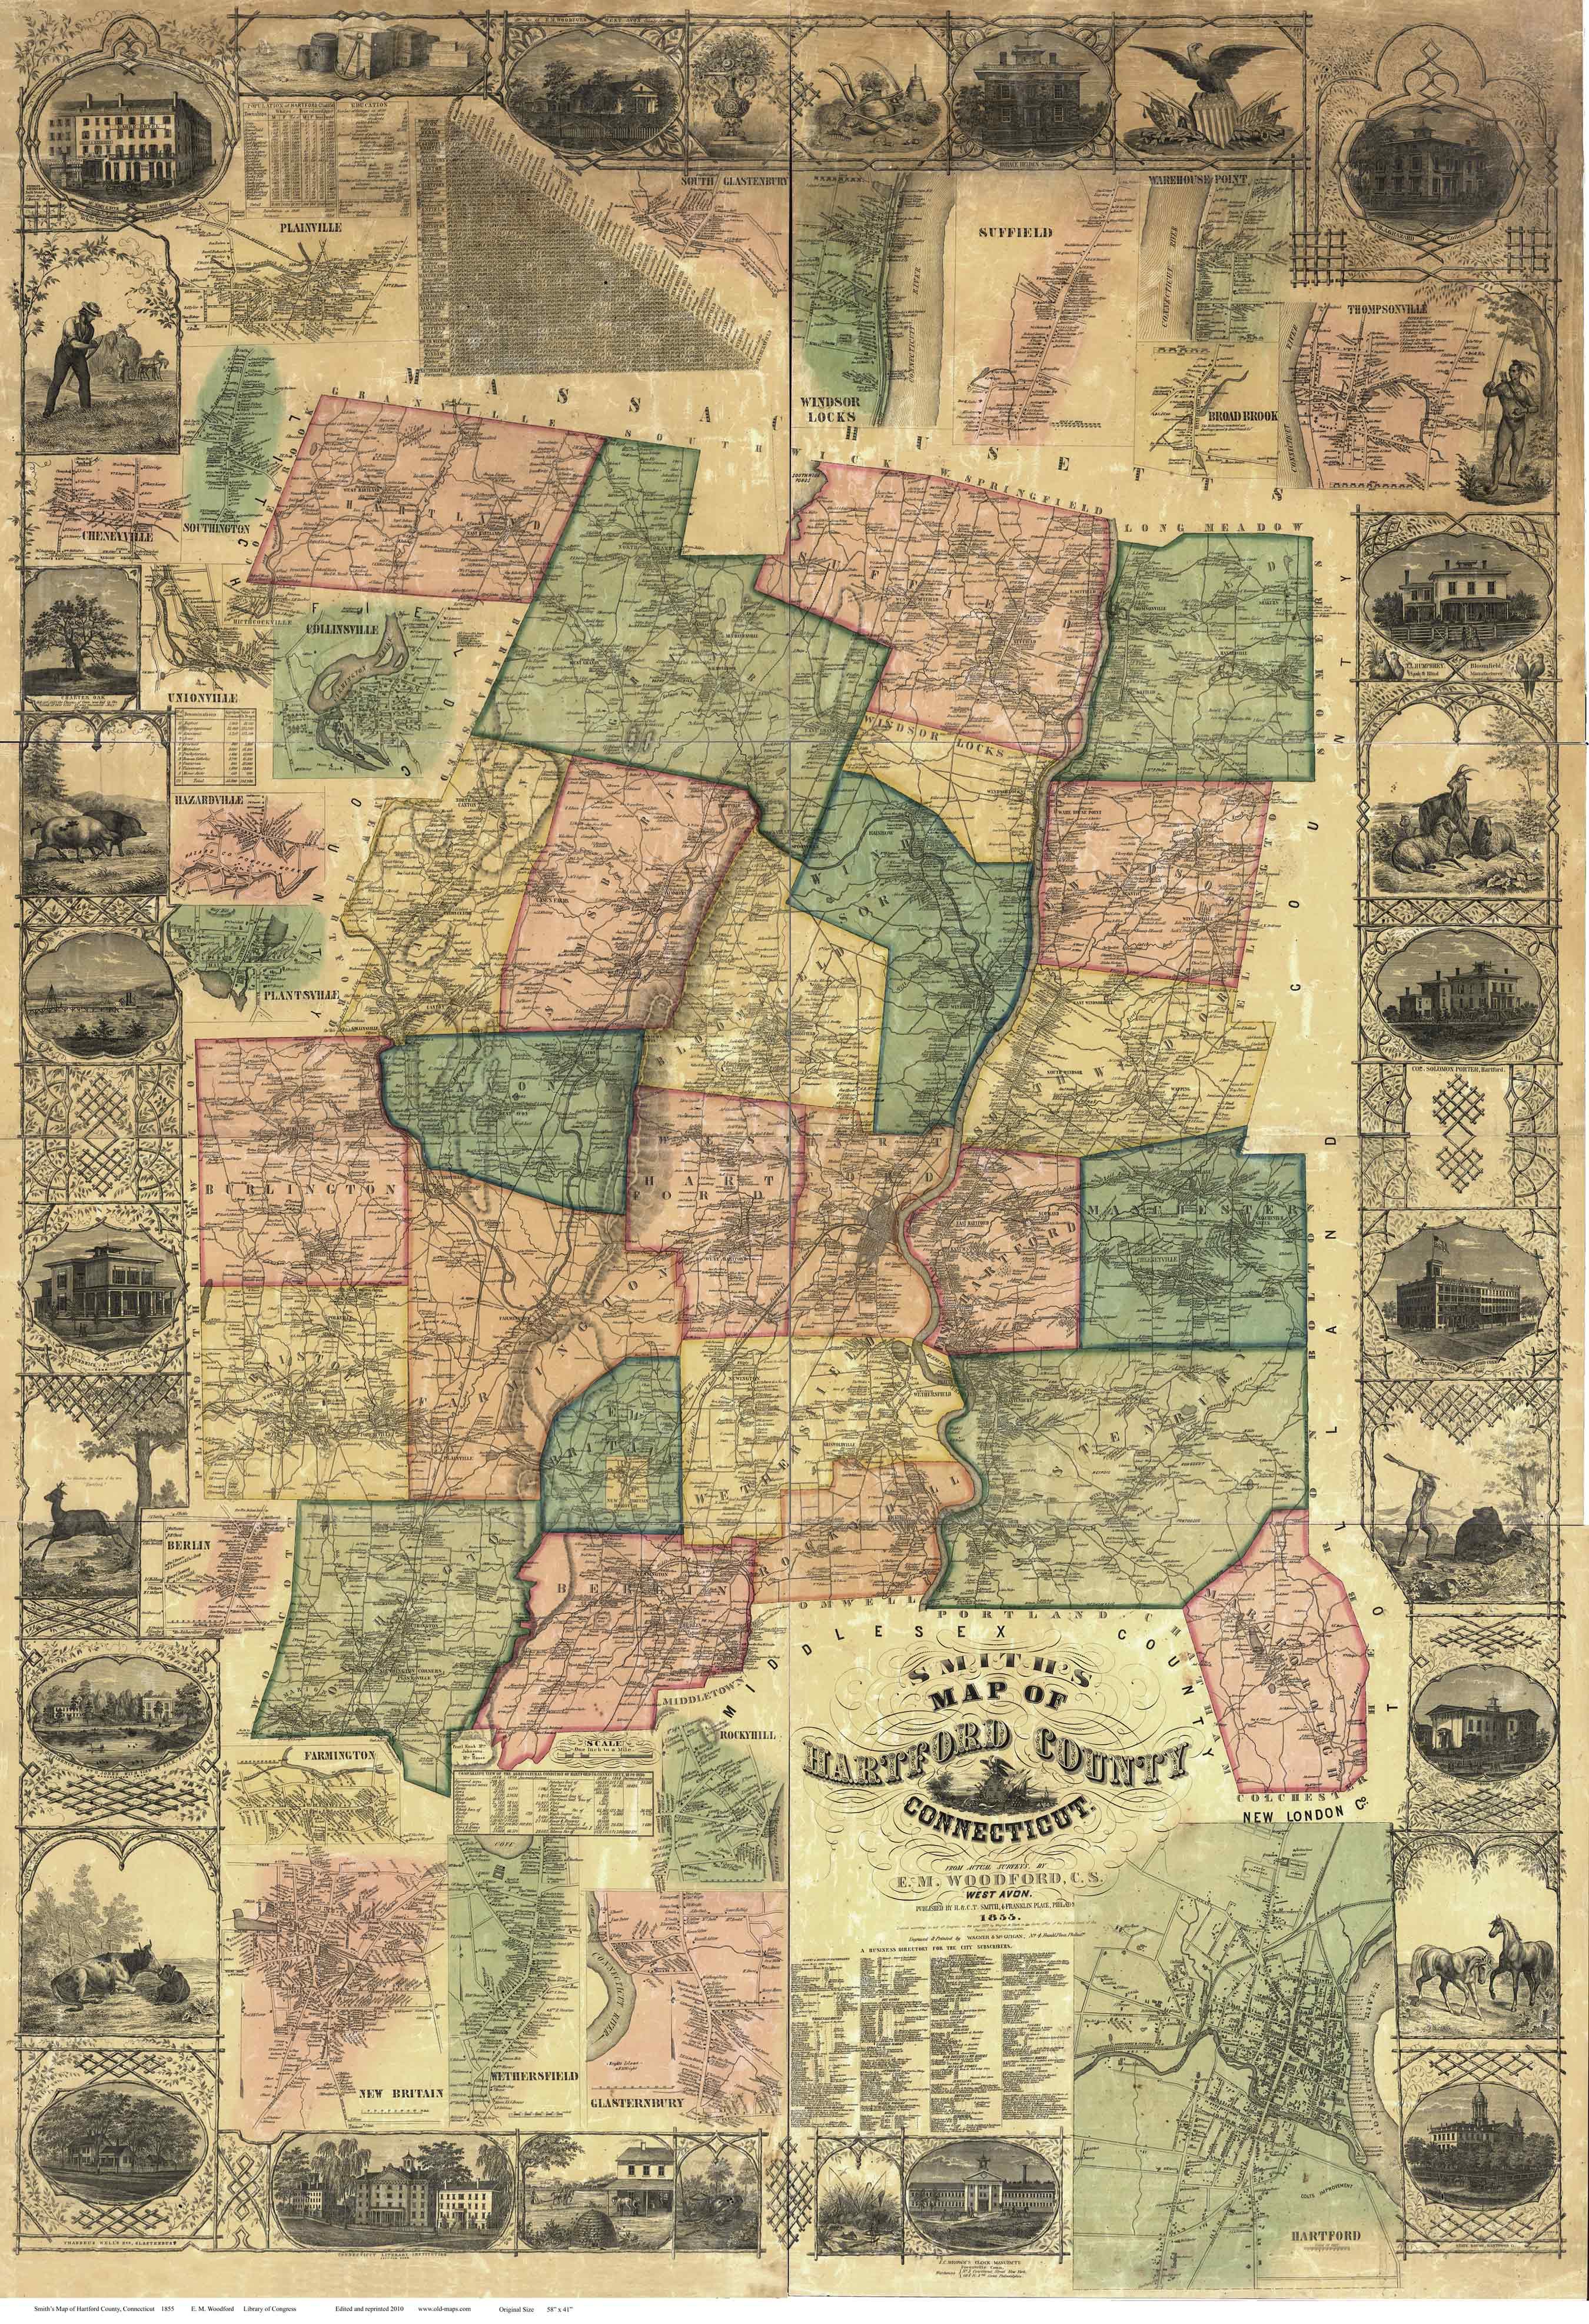 Map of Hartford County CT 1855 Wallmap Reprint